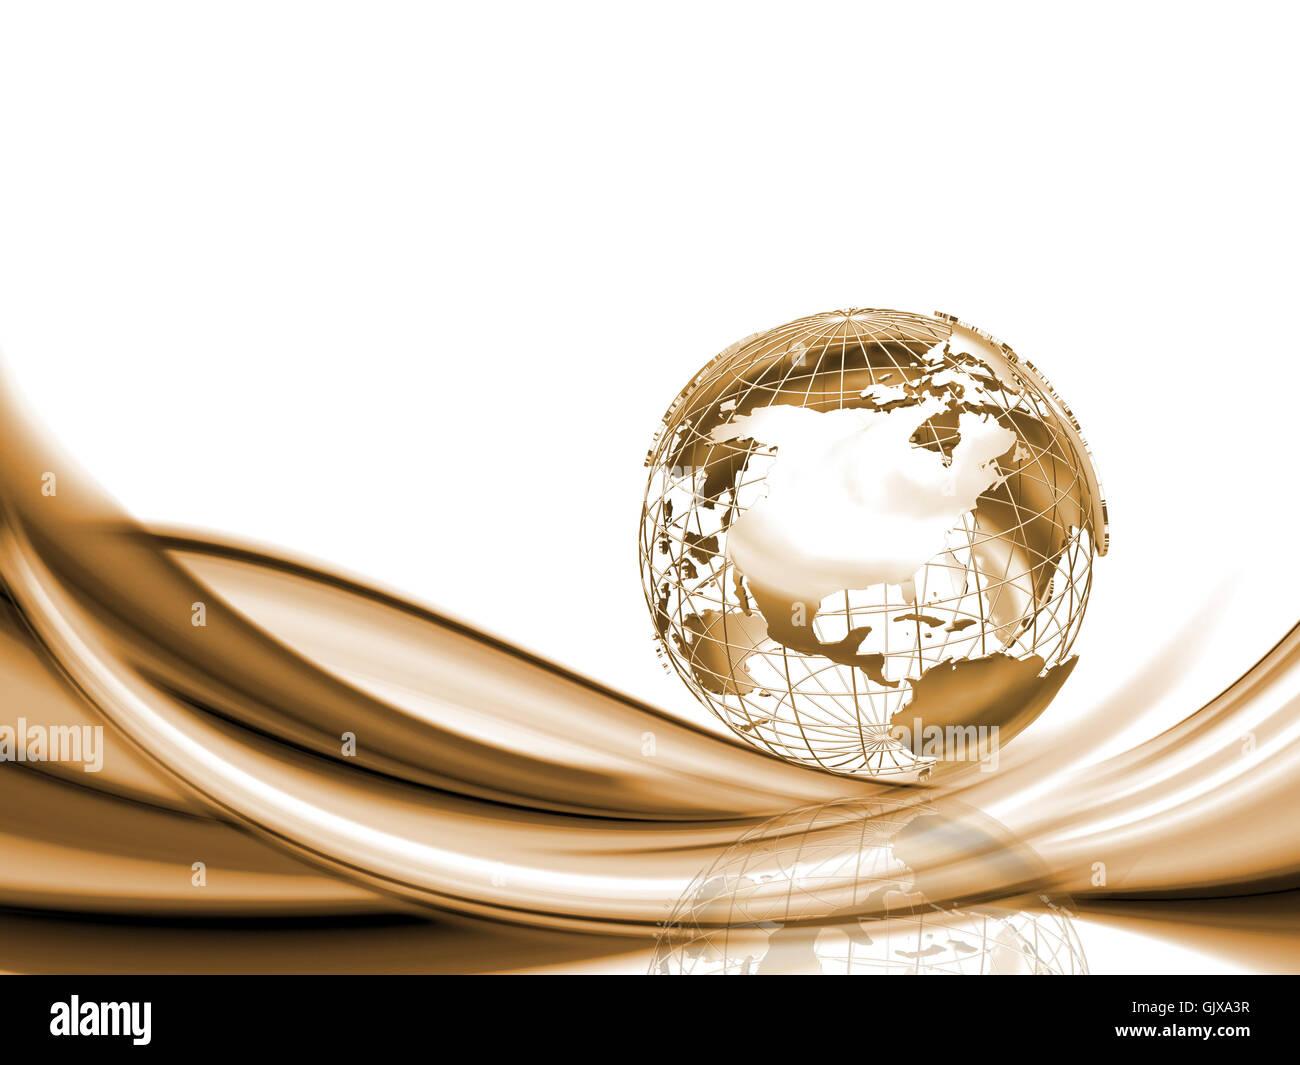 Kunst-Modell-design Stockbild